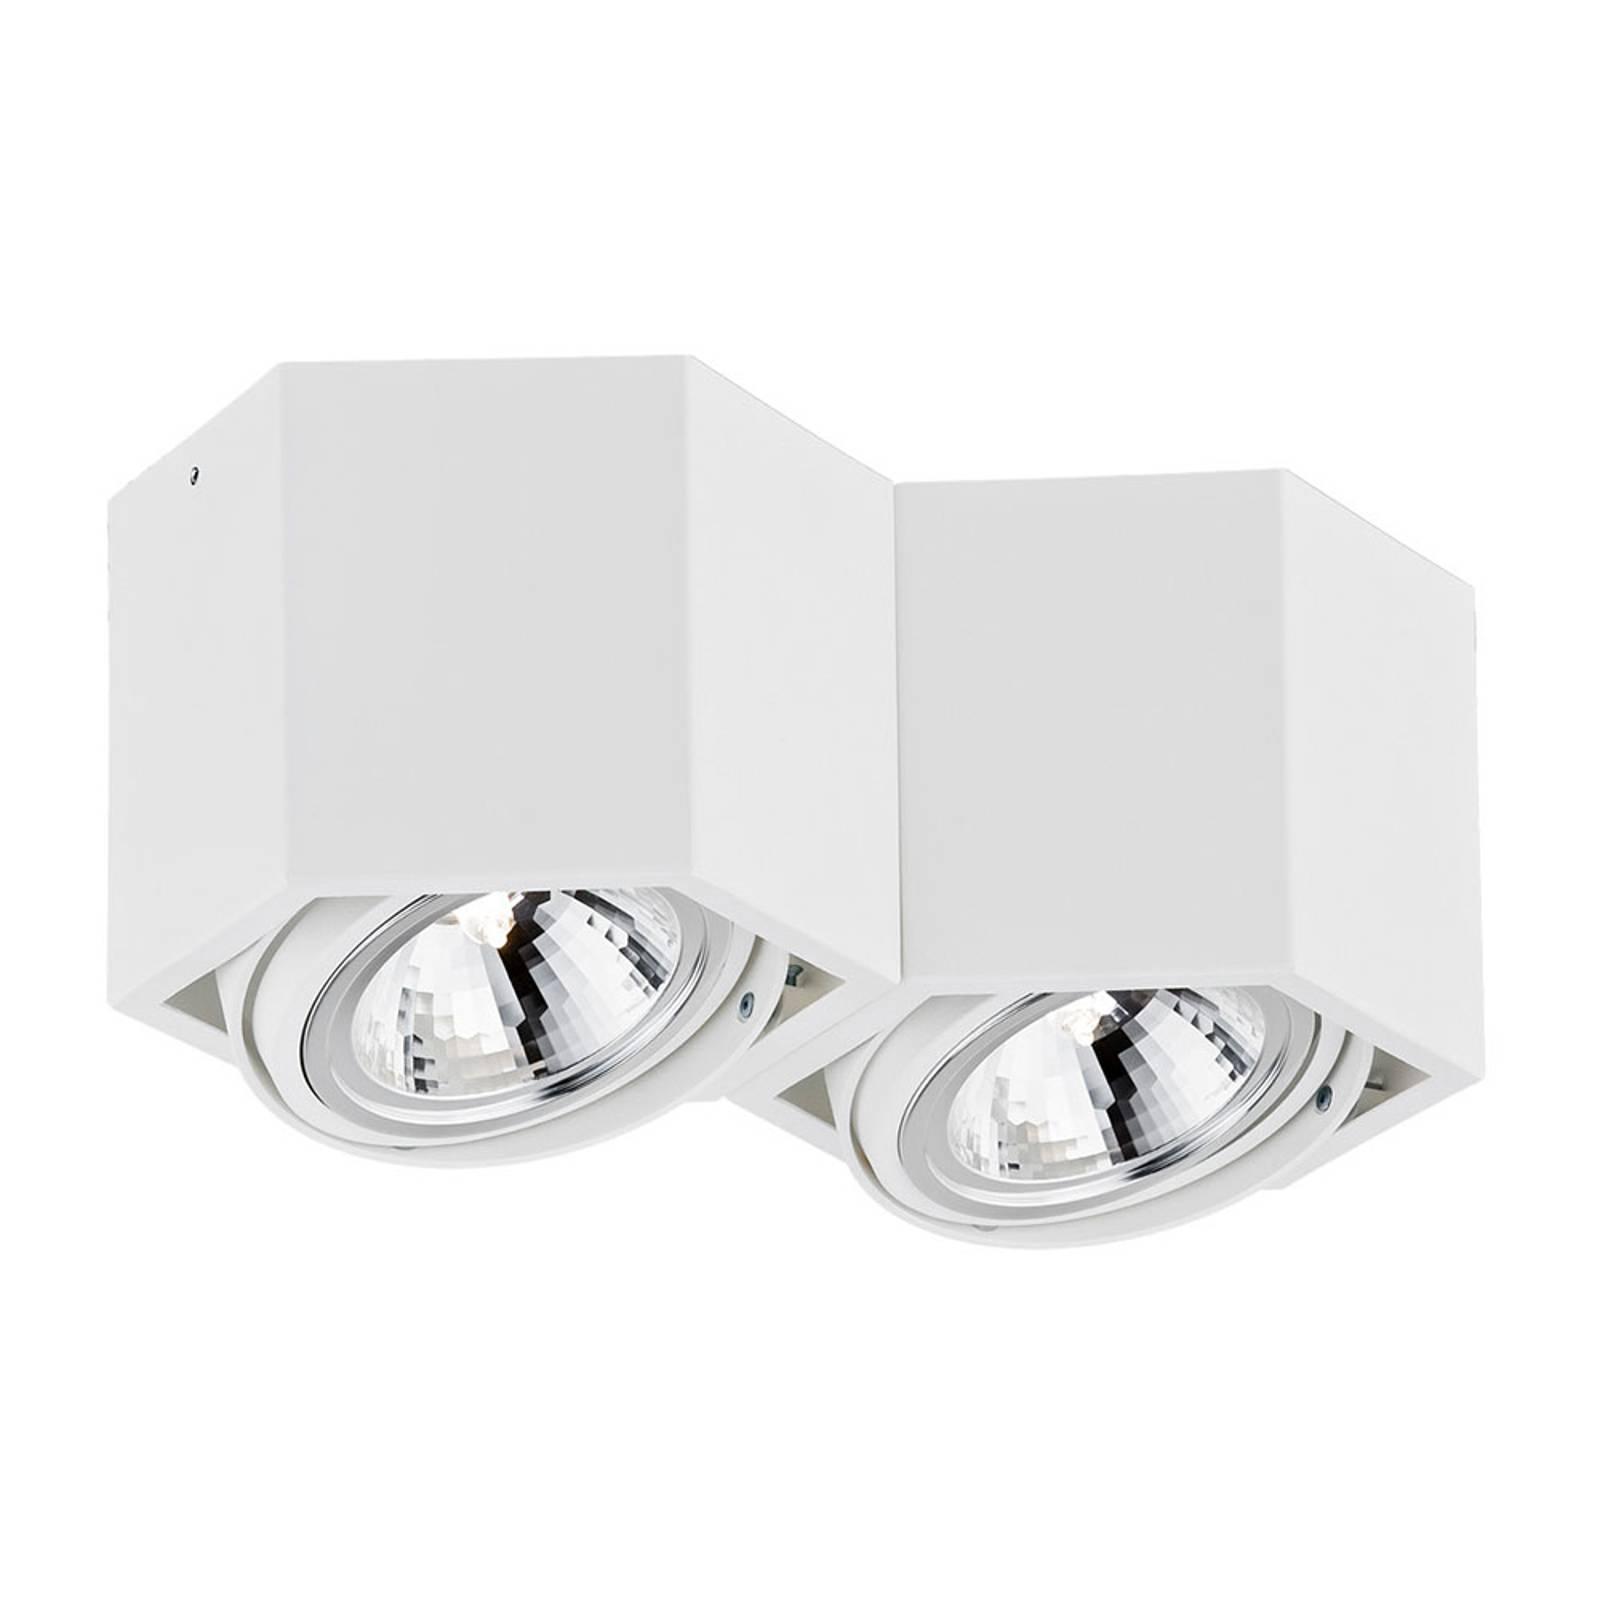 Kattospotti Elvas kääntyvä 2-lamppuinen valkoinen